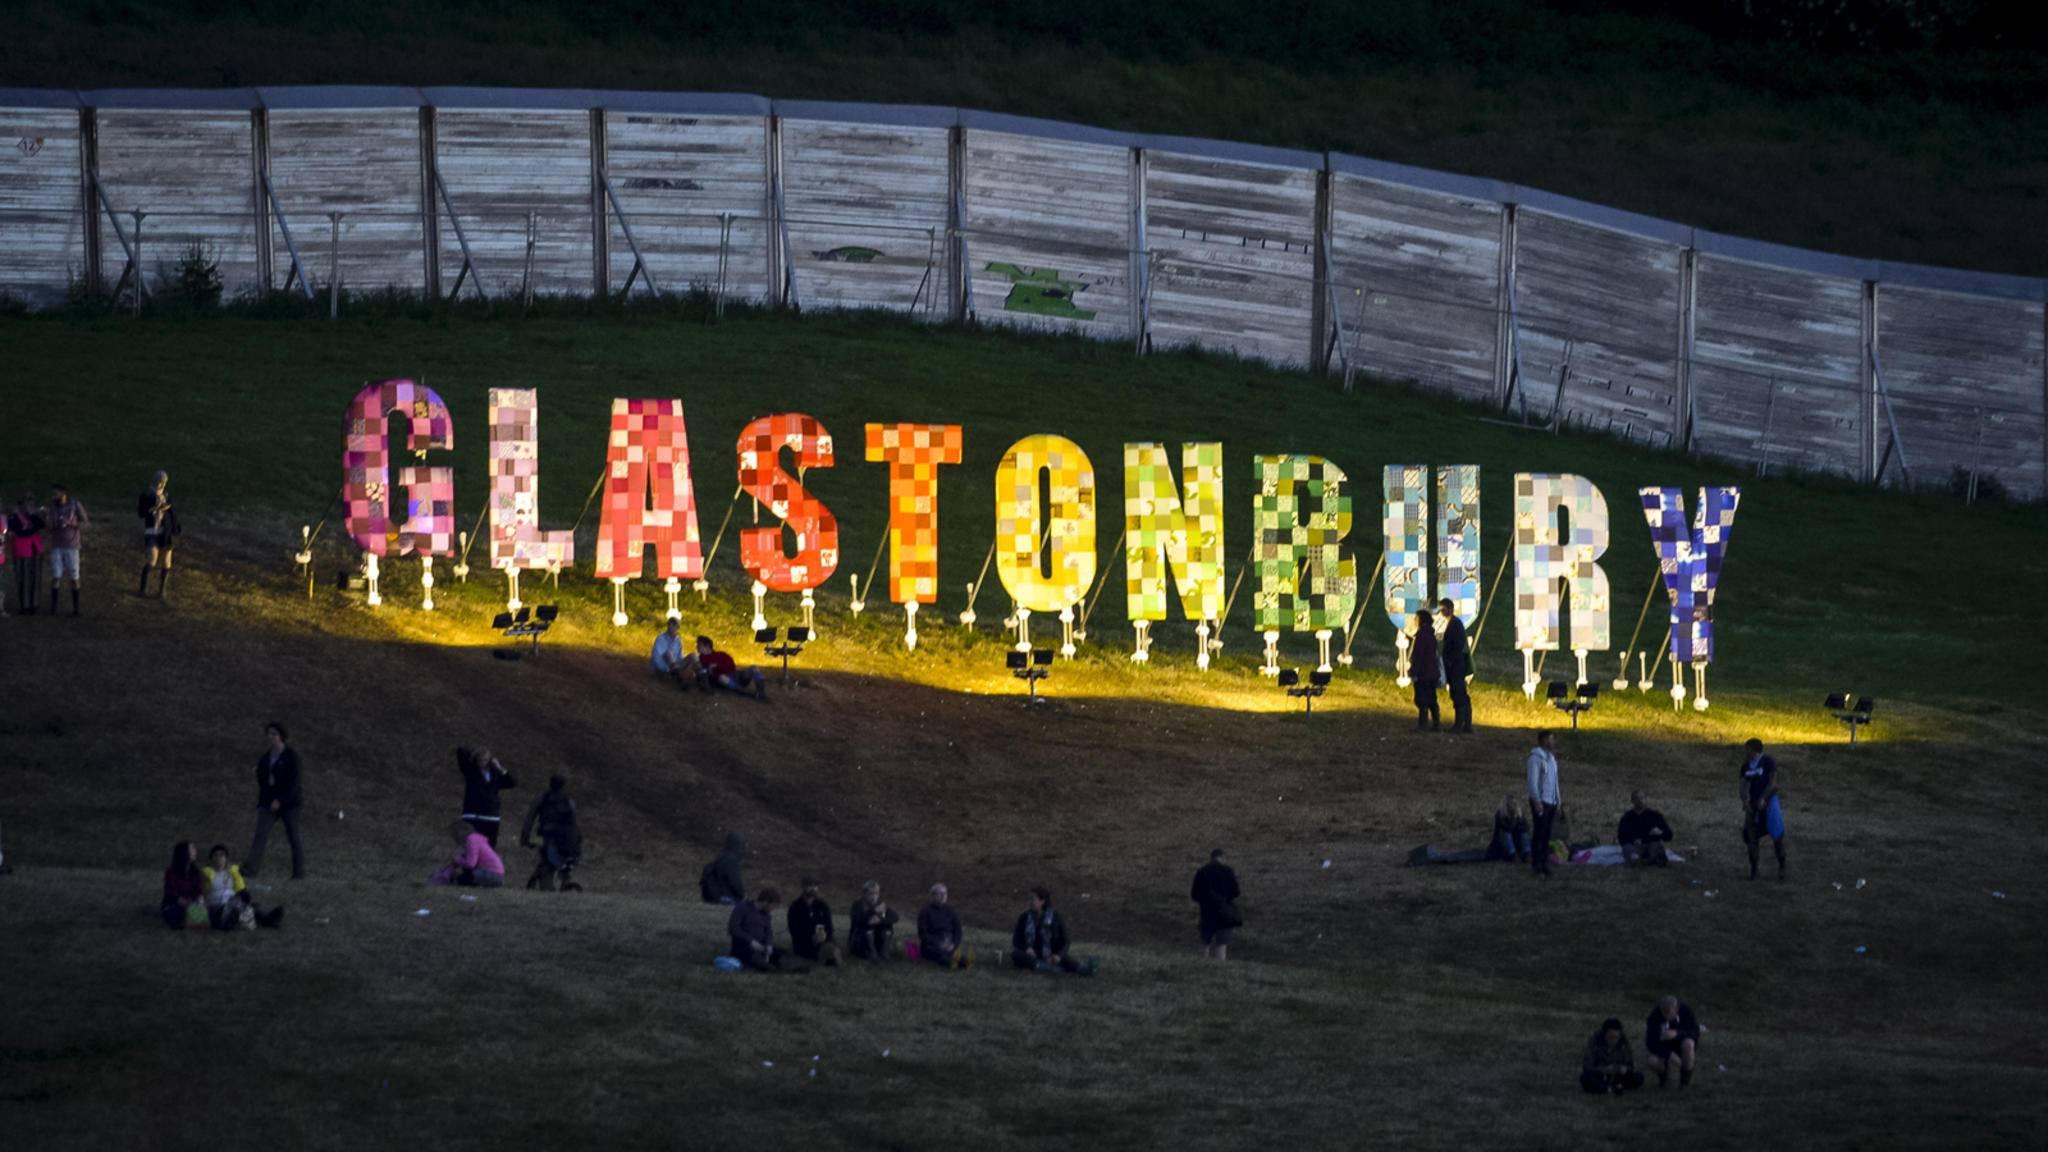 Könnten sich Pink Floyd eventuell für das Glastonbury 2017 wieder vereinen?